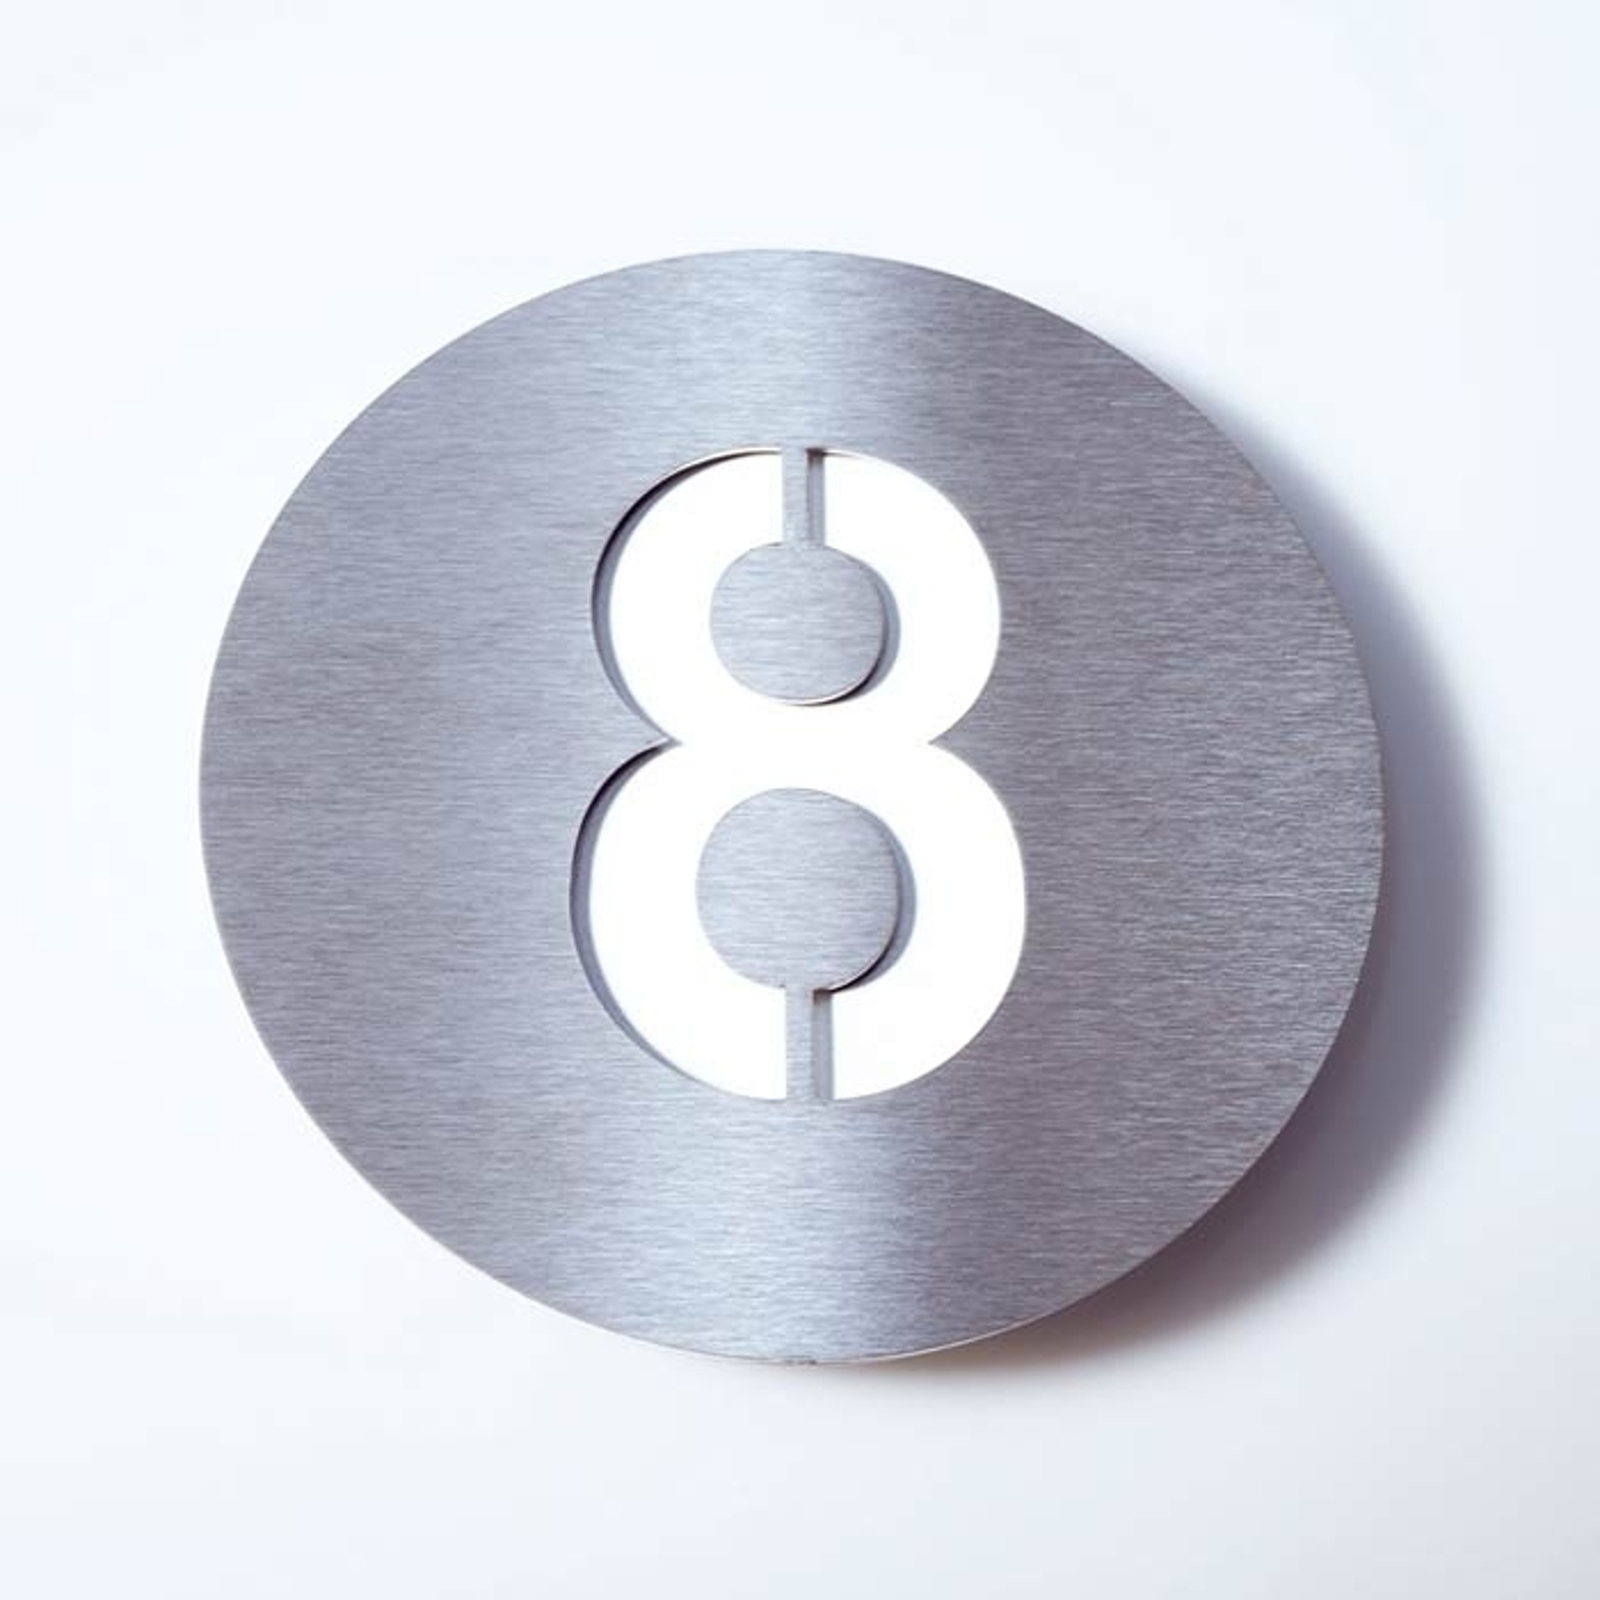 Número de casa Round de acero inoxidable - 8